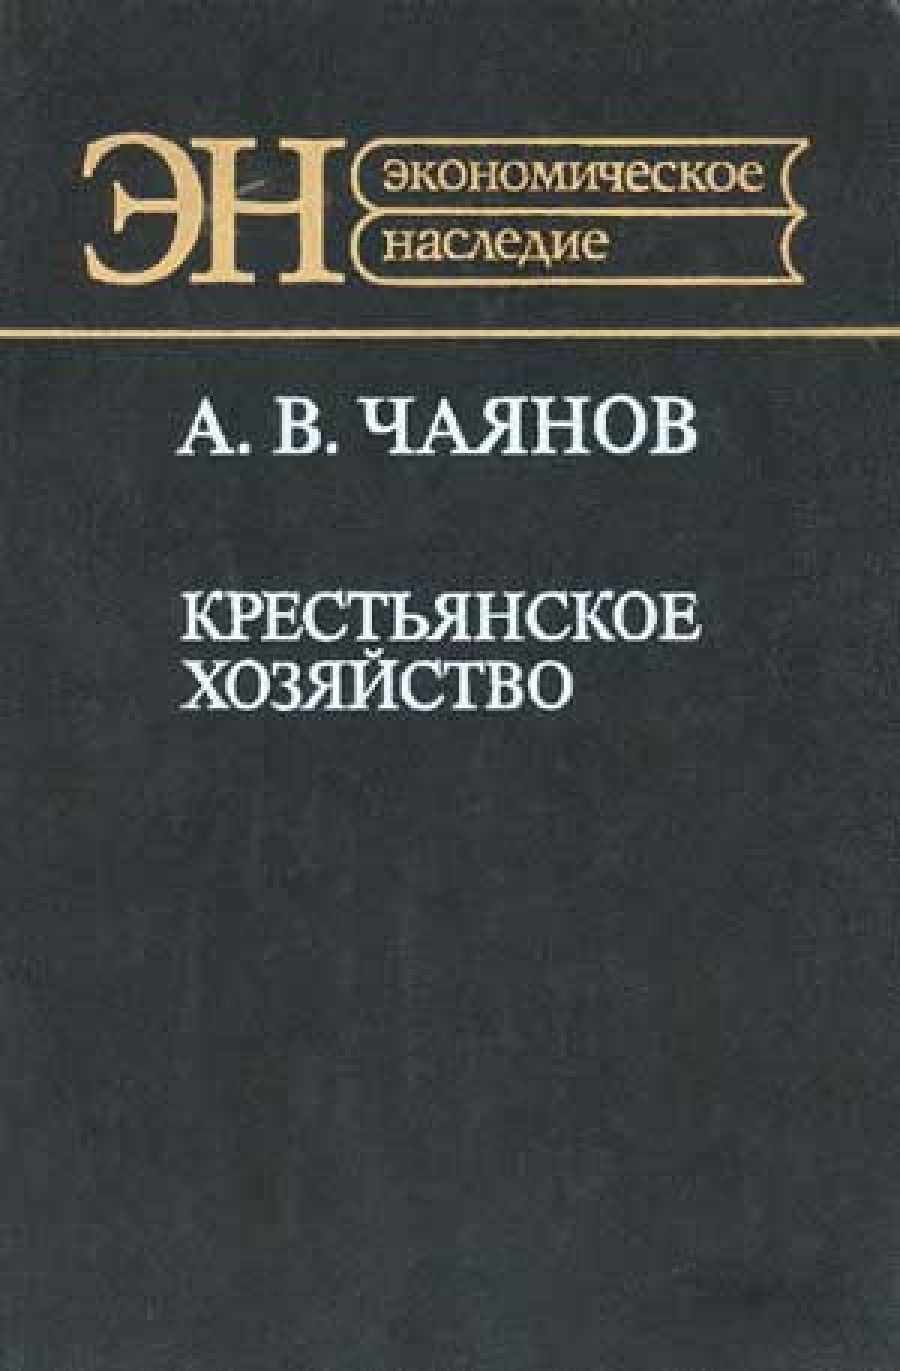 Обложка книги:  чаянов а.в. - крестьянское хозяйство. избранные труды